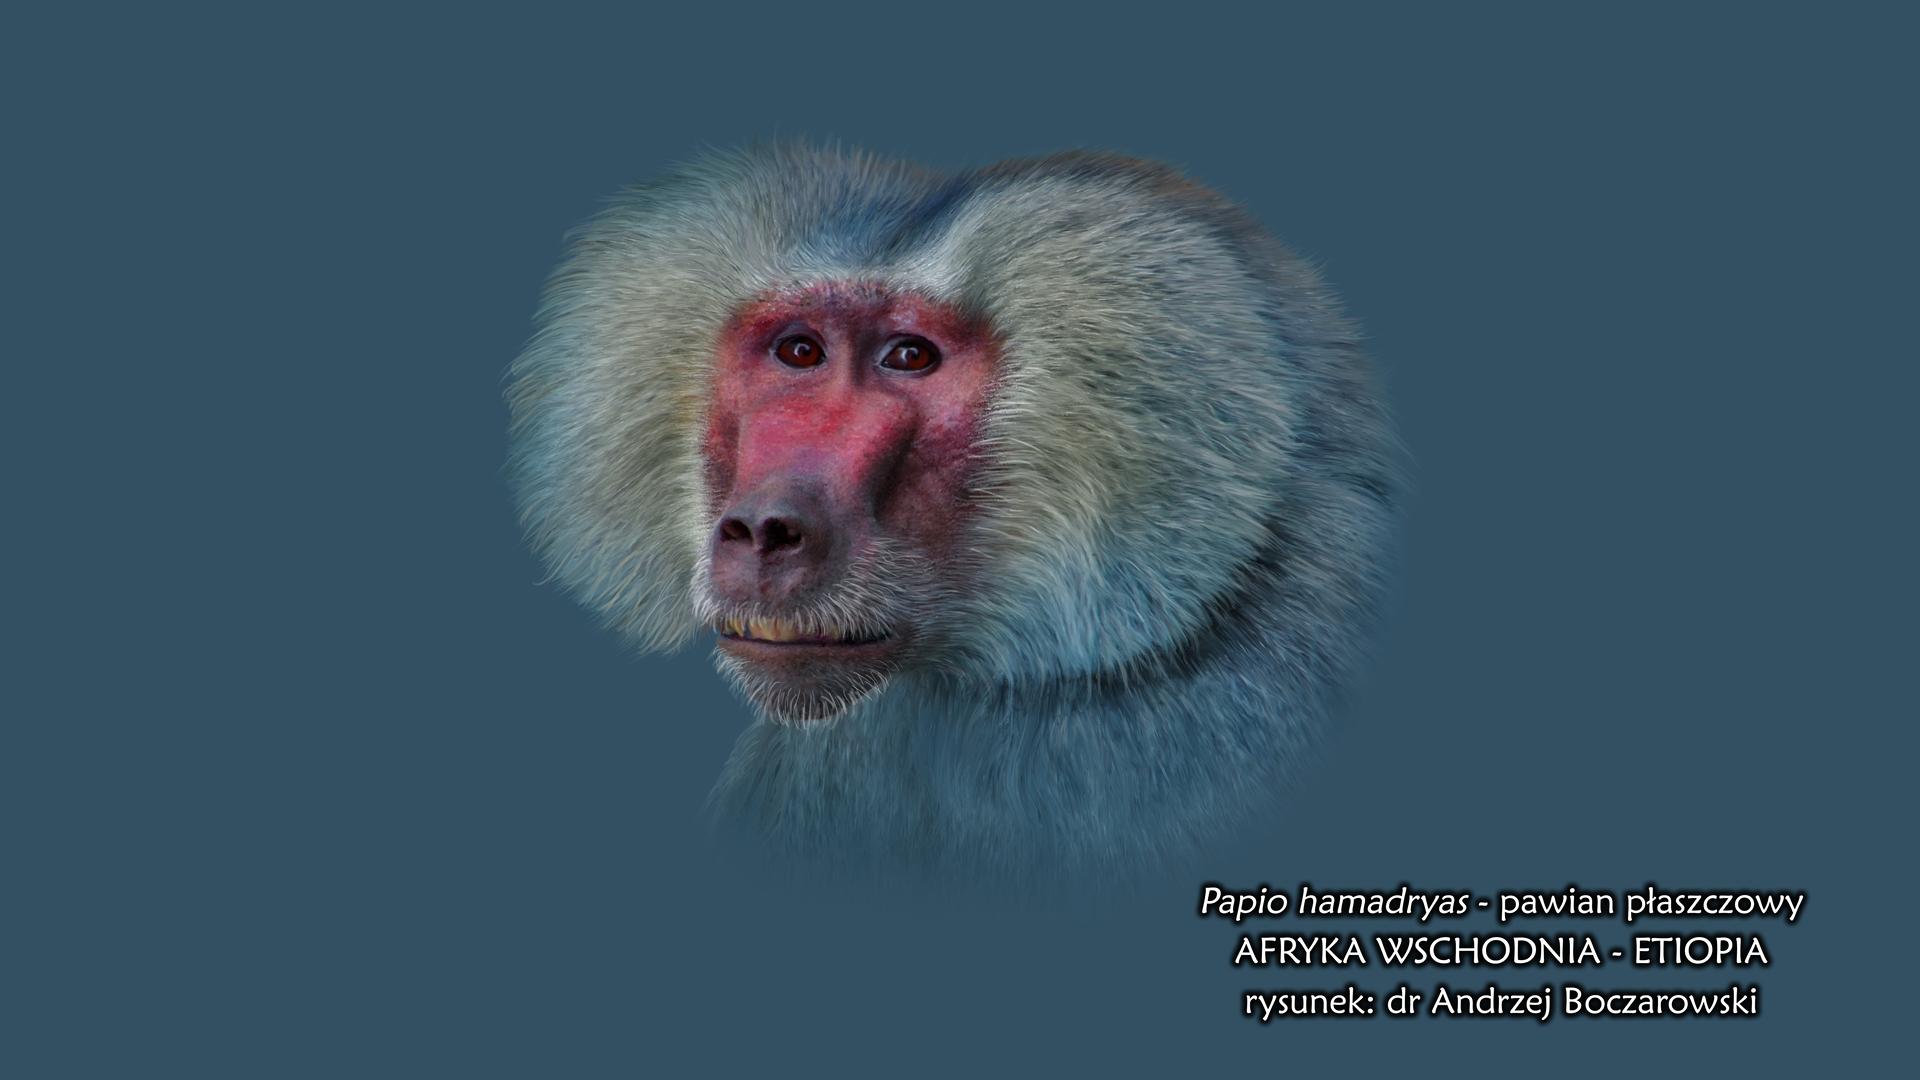 Rysunek przedstawia portret pawiana płaszczowego. Małpa ma wydłużony, czerwony pysk zwyraźnymi, czarnymi nozdrzami izarostem po bokach. Od czoła pawian ma gęstą, szarobrązową grzywę, przykrywającą uszy. Oczy okrągłe, ciemnobrązowe.